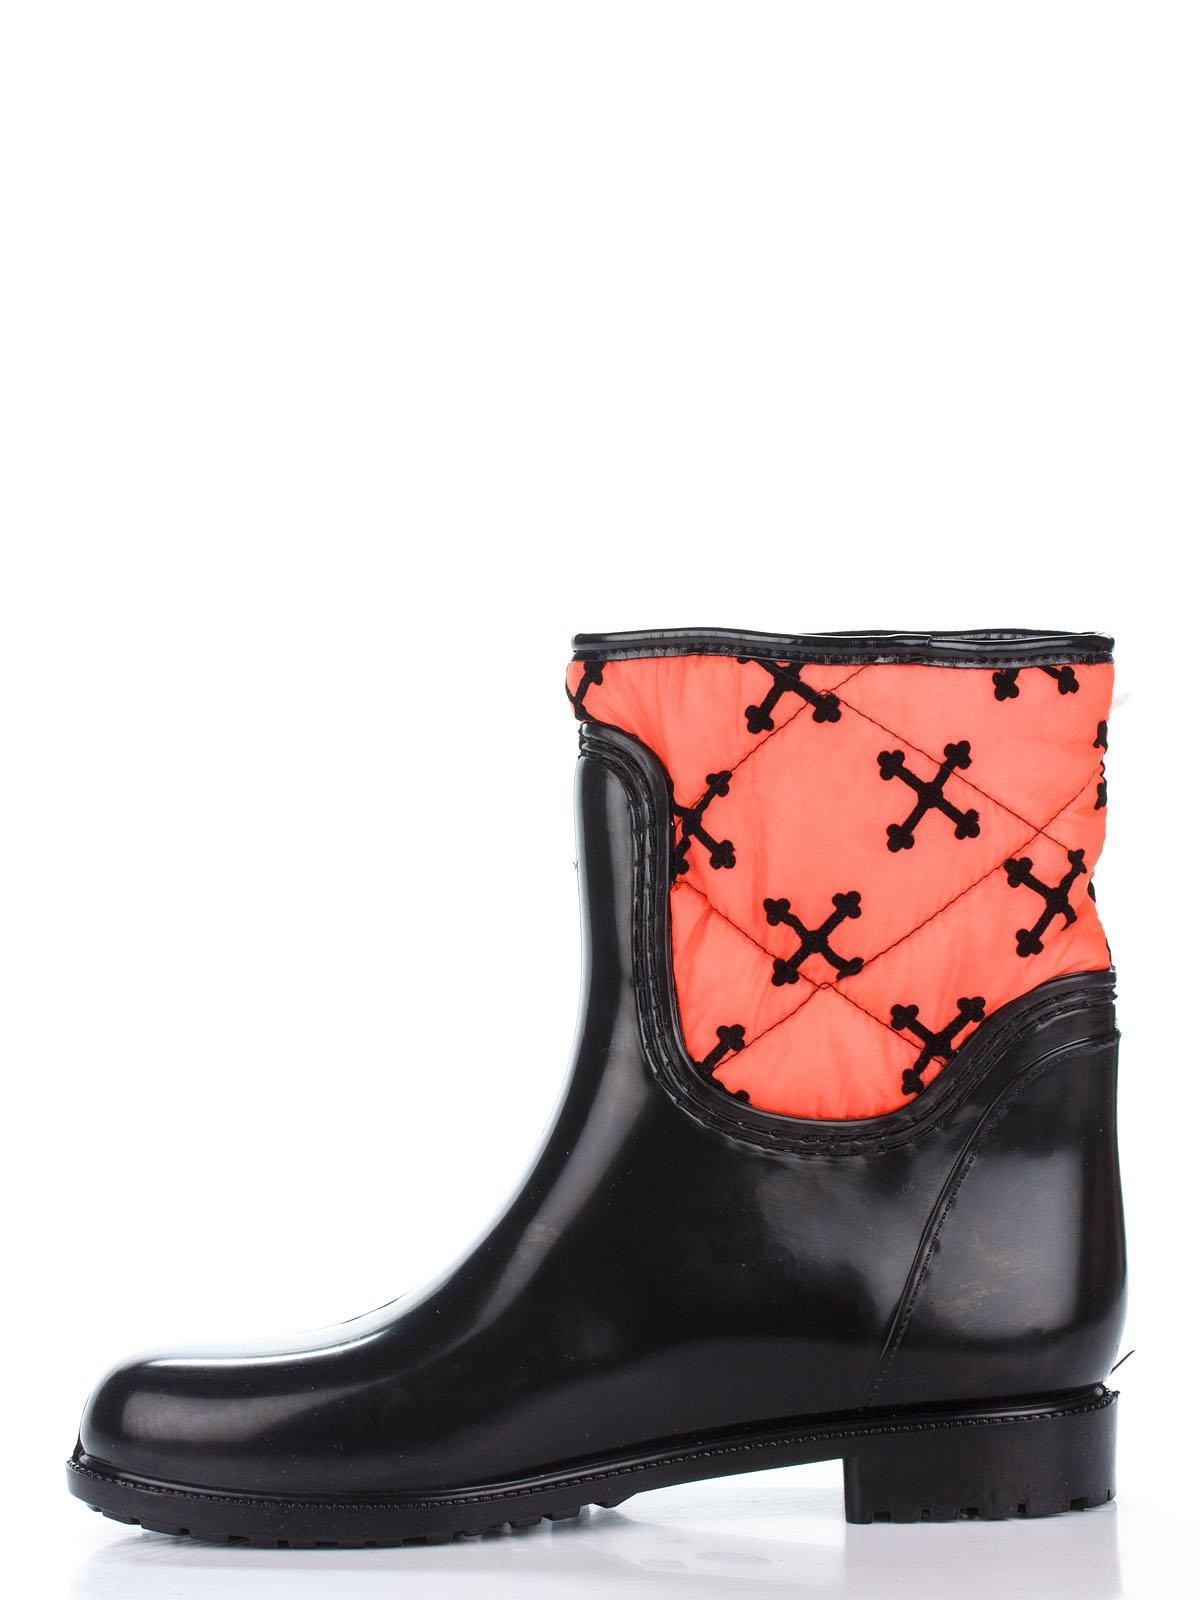 Сапоги черно-оранжевые | 2096734 | фото 2